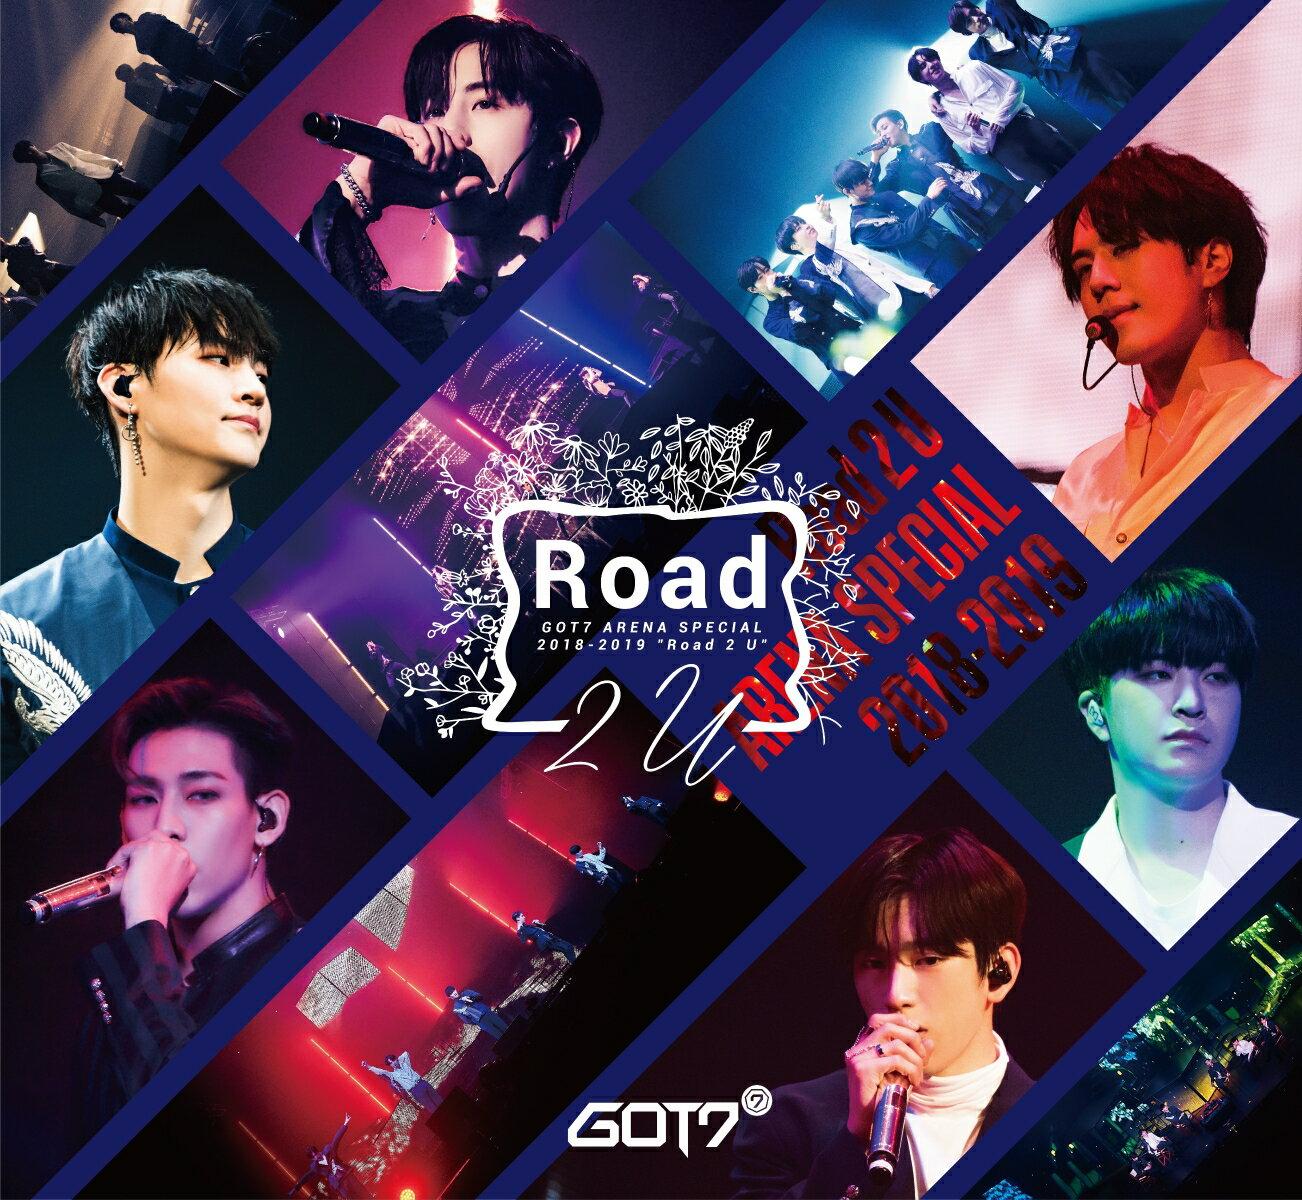 韓国(K-POP)・アジア, 韓国(K-POP)・アジア GOT7 ARENA SPECIAL 2018-2019 Road 2 U(DVD) GOT7